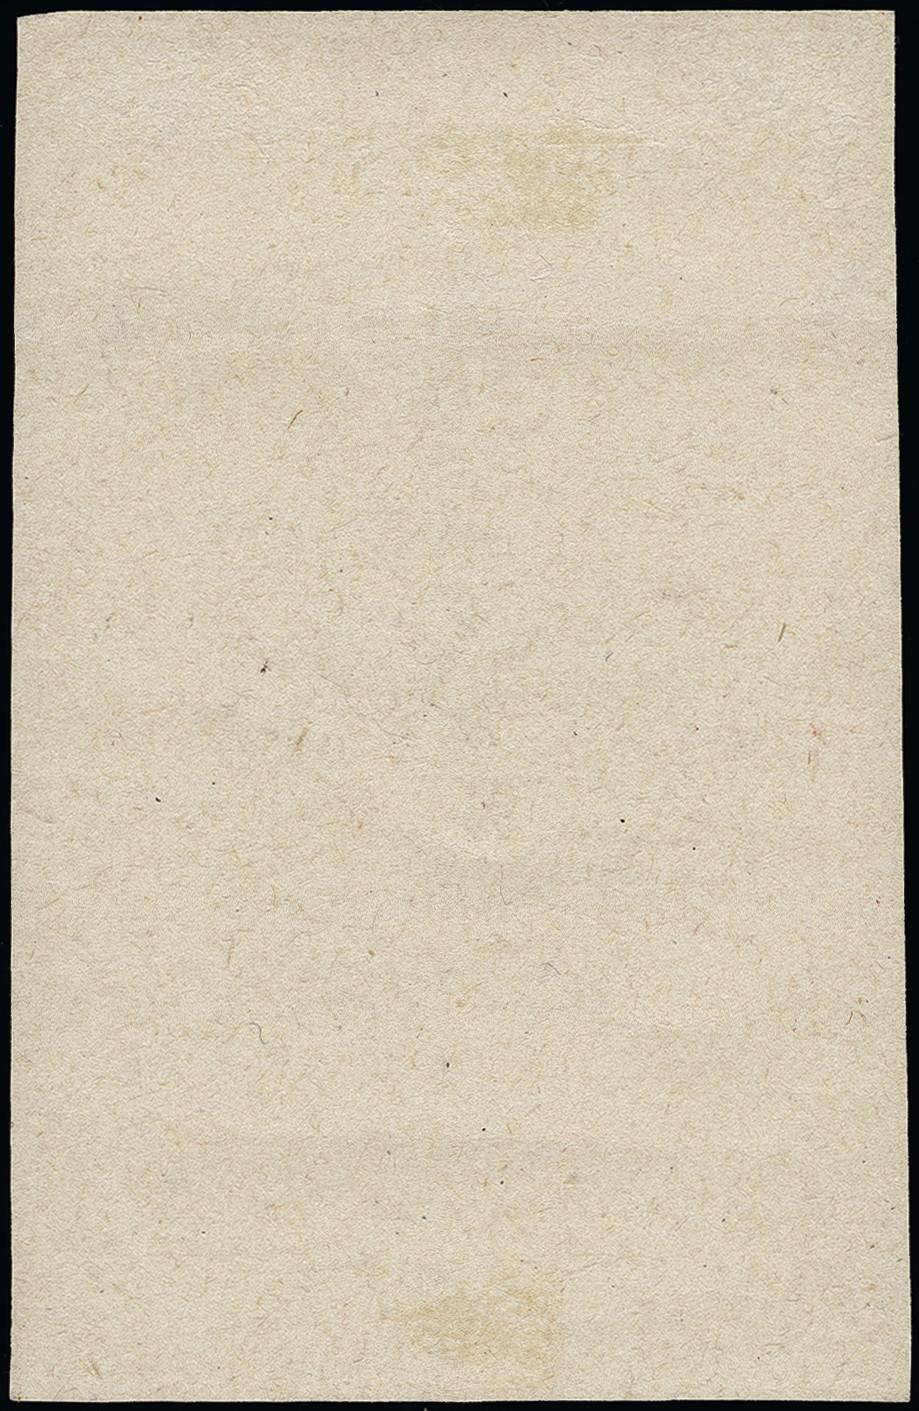 Lot 1343 - British Commonwealth gold coast -  Heinrich Koehler Auktionen Heinrich Köhler Auction 376 - Day 1